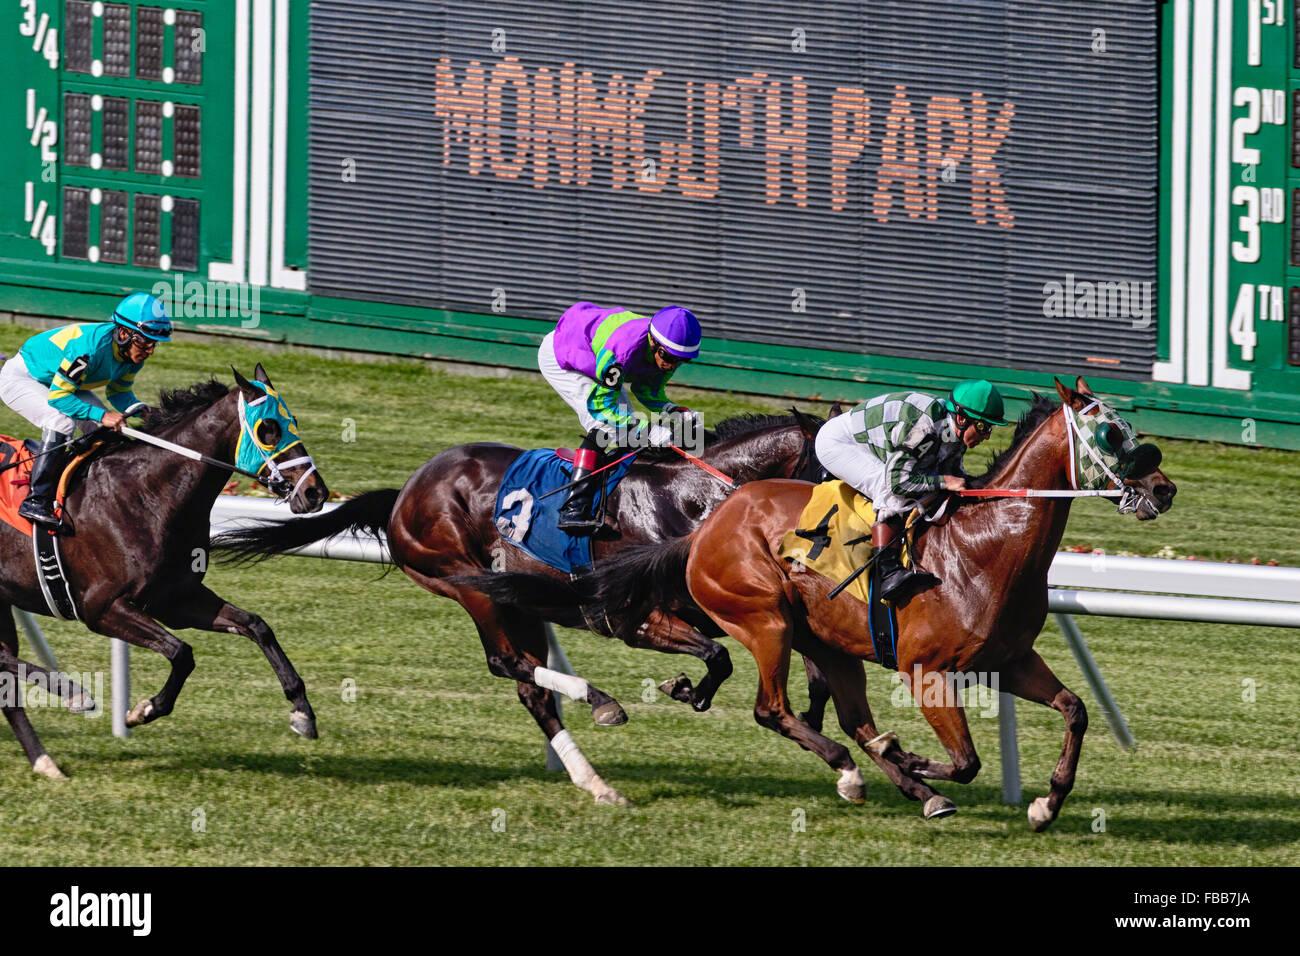 Three Horses with Jockeys Racing at Monmouth Park Race Track Stock